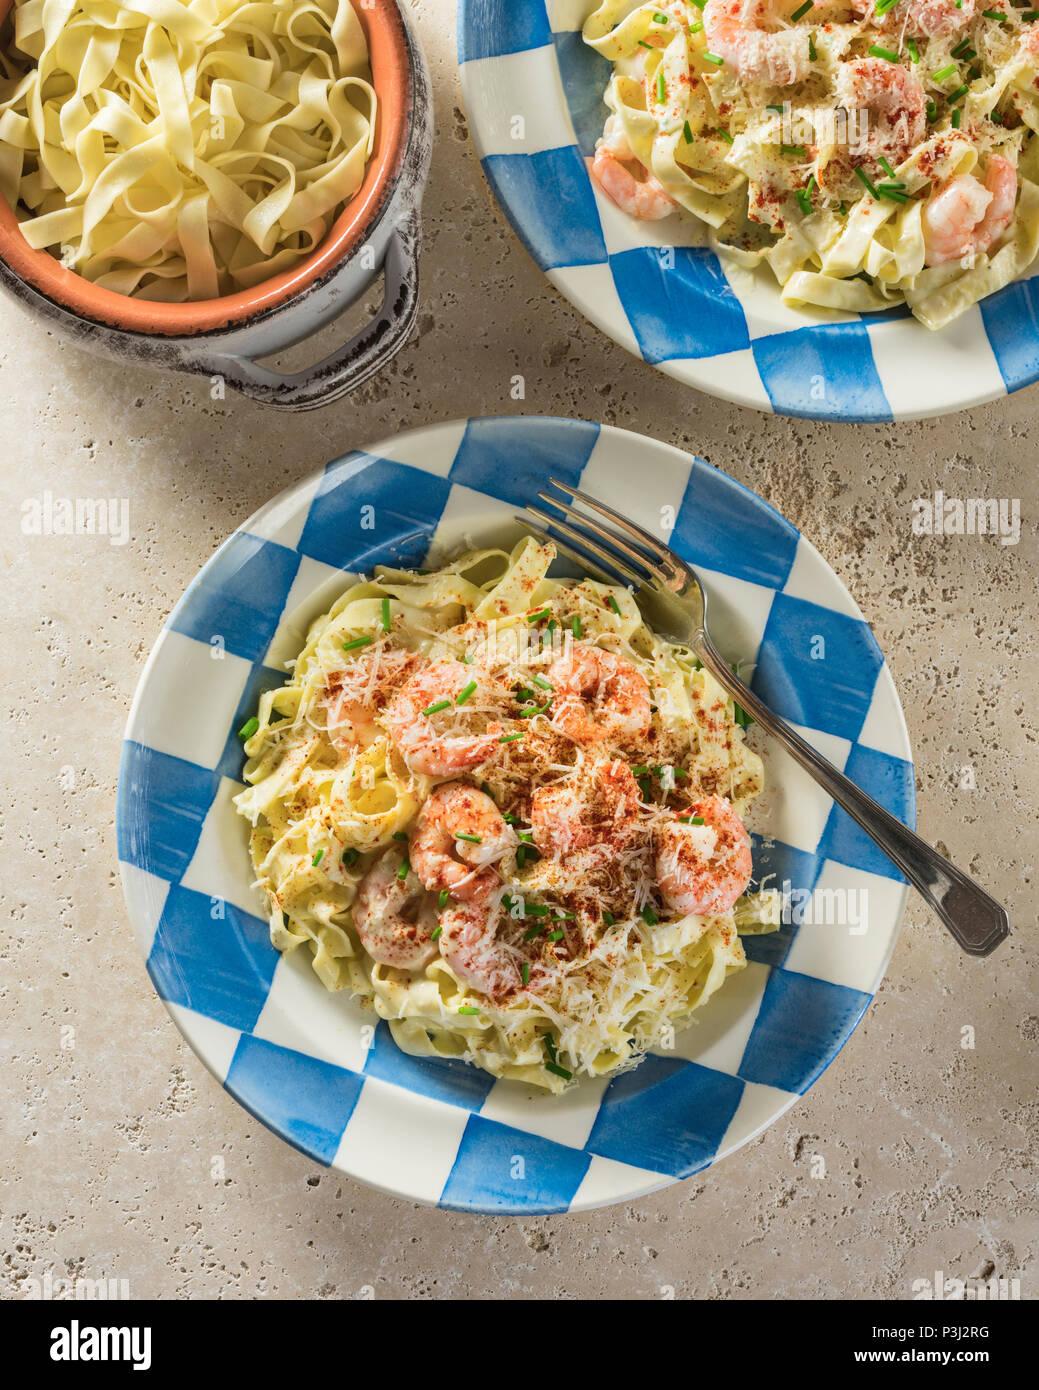 Fettuccine Alfredo de crevettes. Les pâtes en sauce au beurre et fromage aux crevettes. Photo Stock